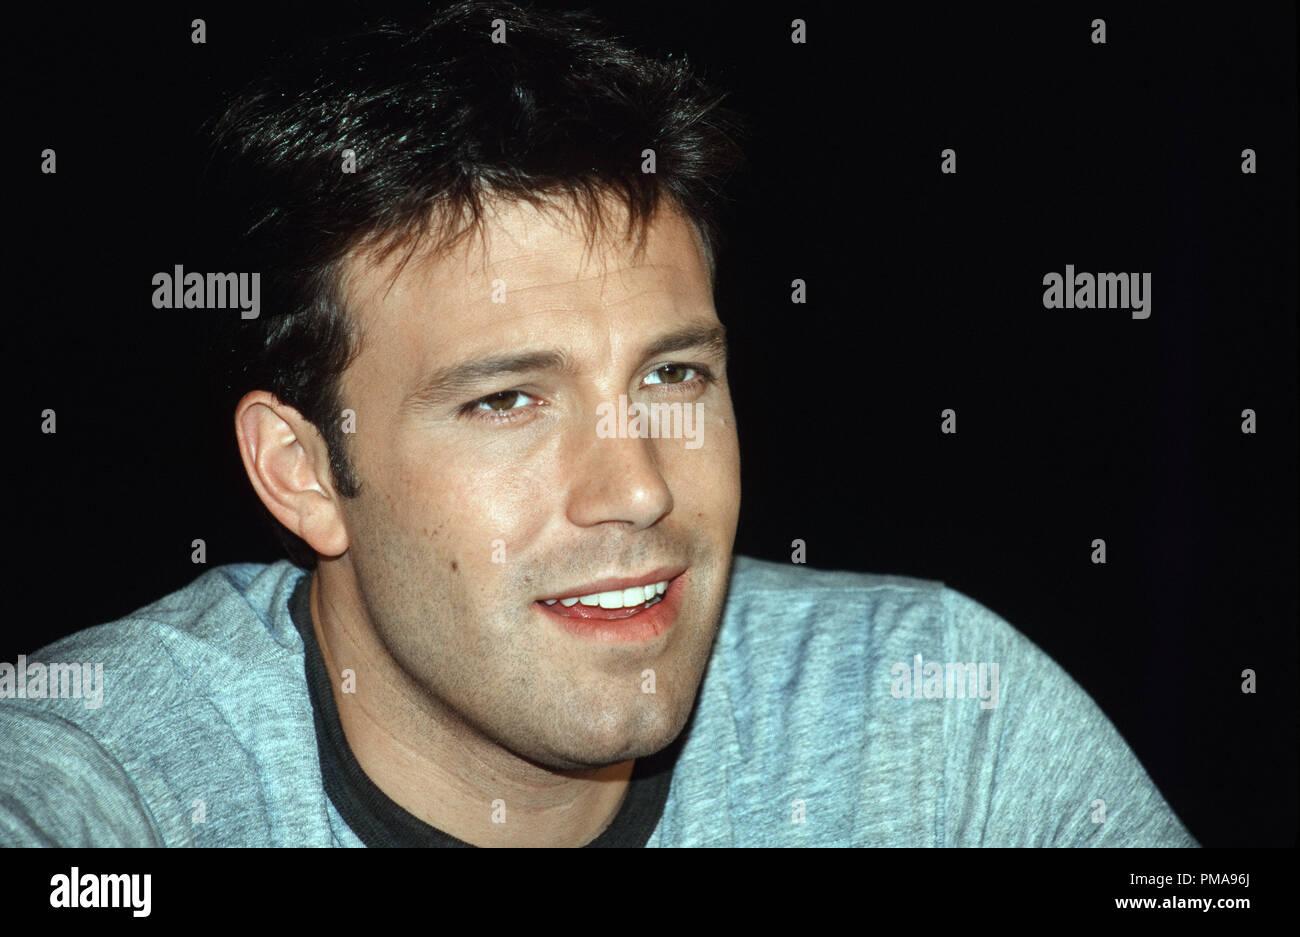 Ben Affleck vers 2005 © CCR /Le Hollywood Archive - Tous droits réservés référence # 31955_814CCR Photo Stock